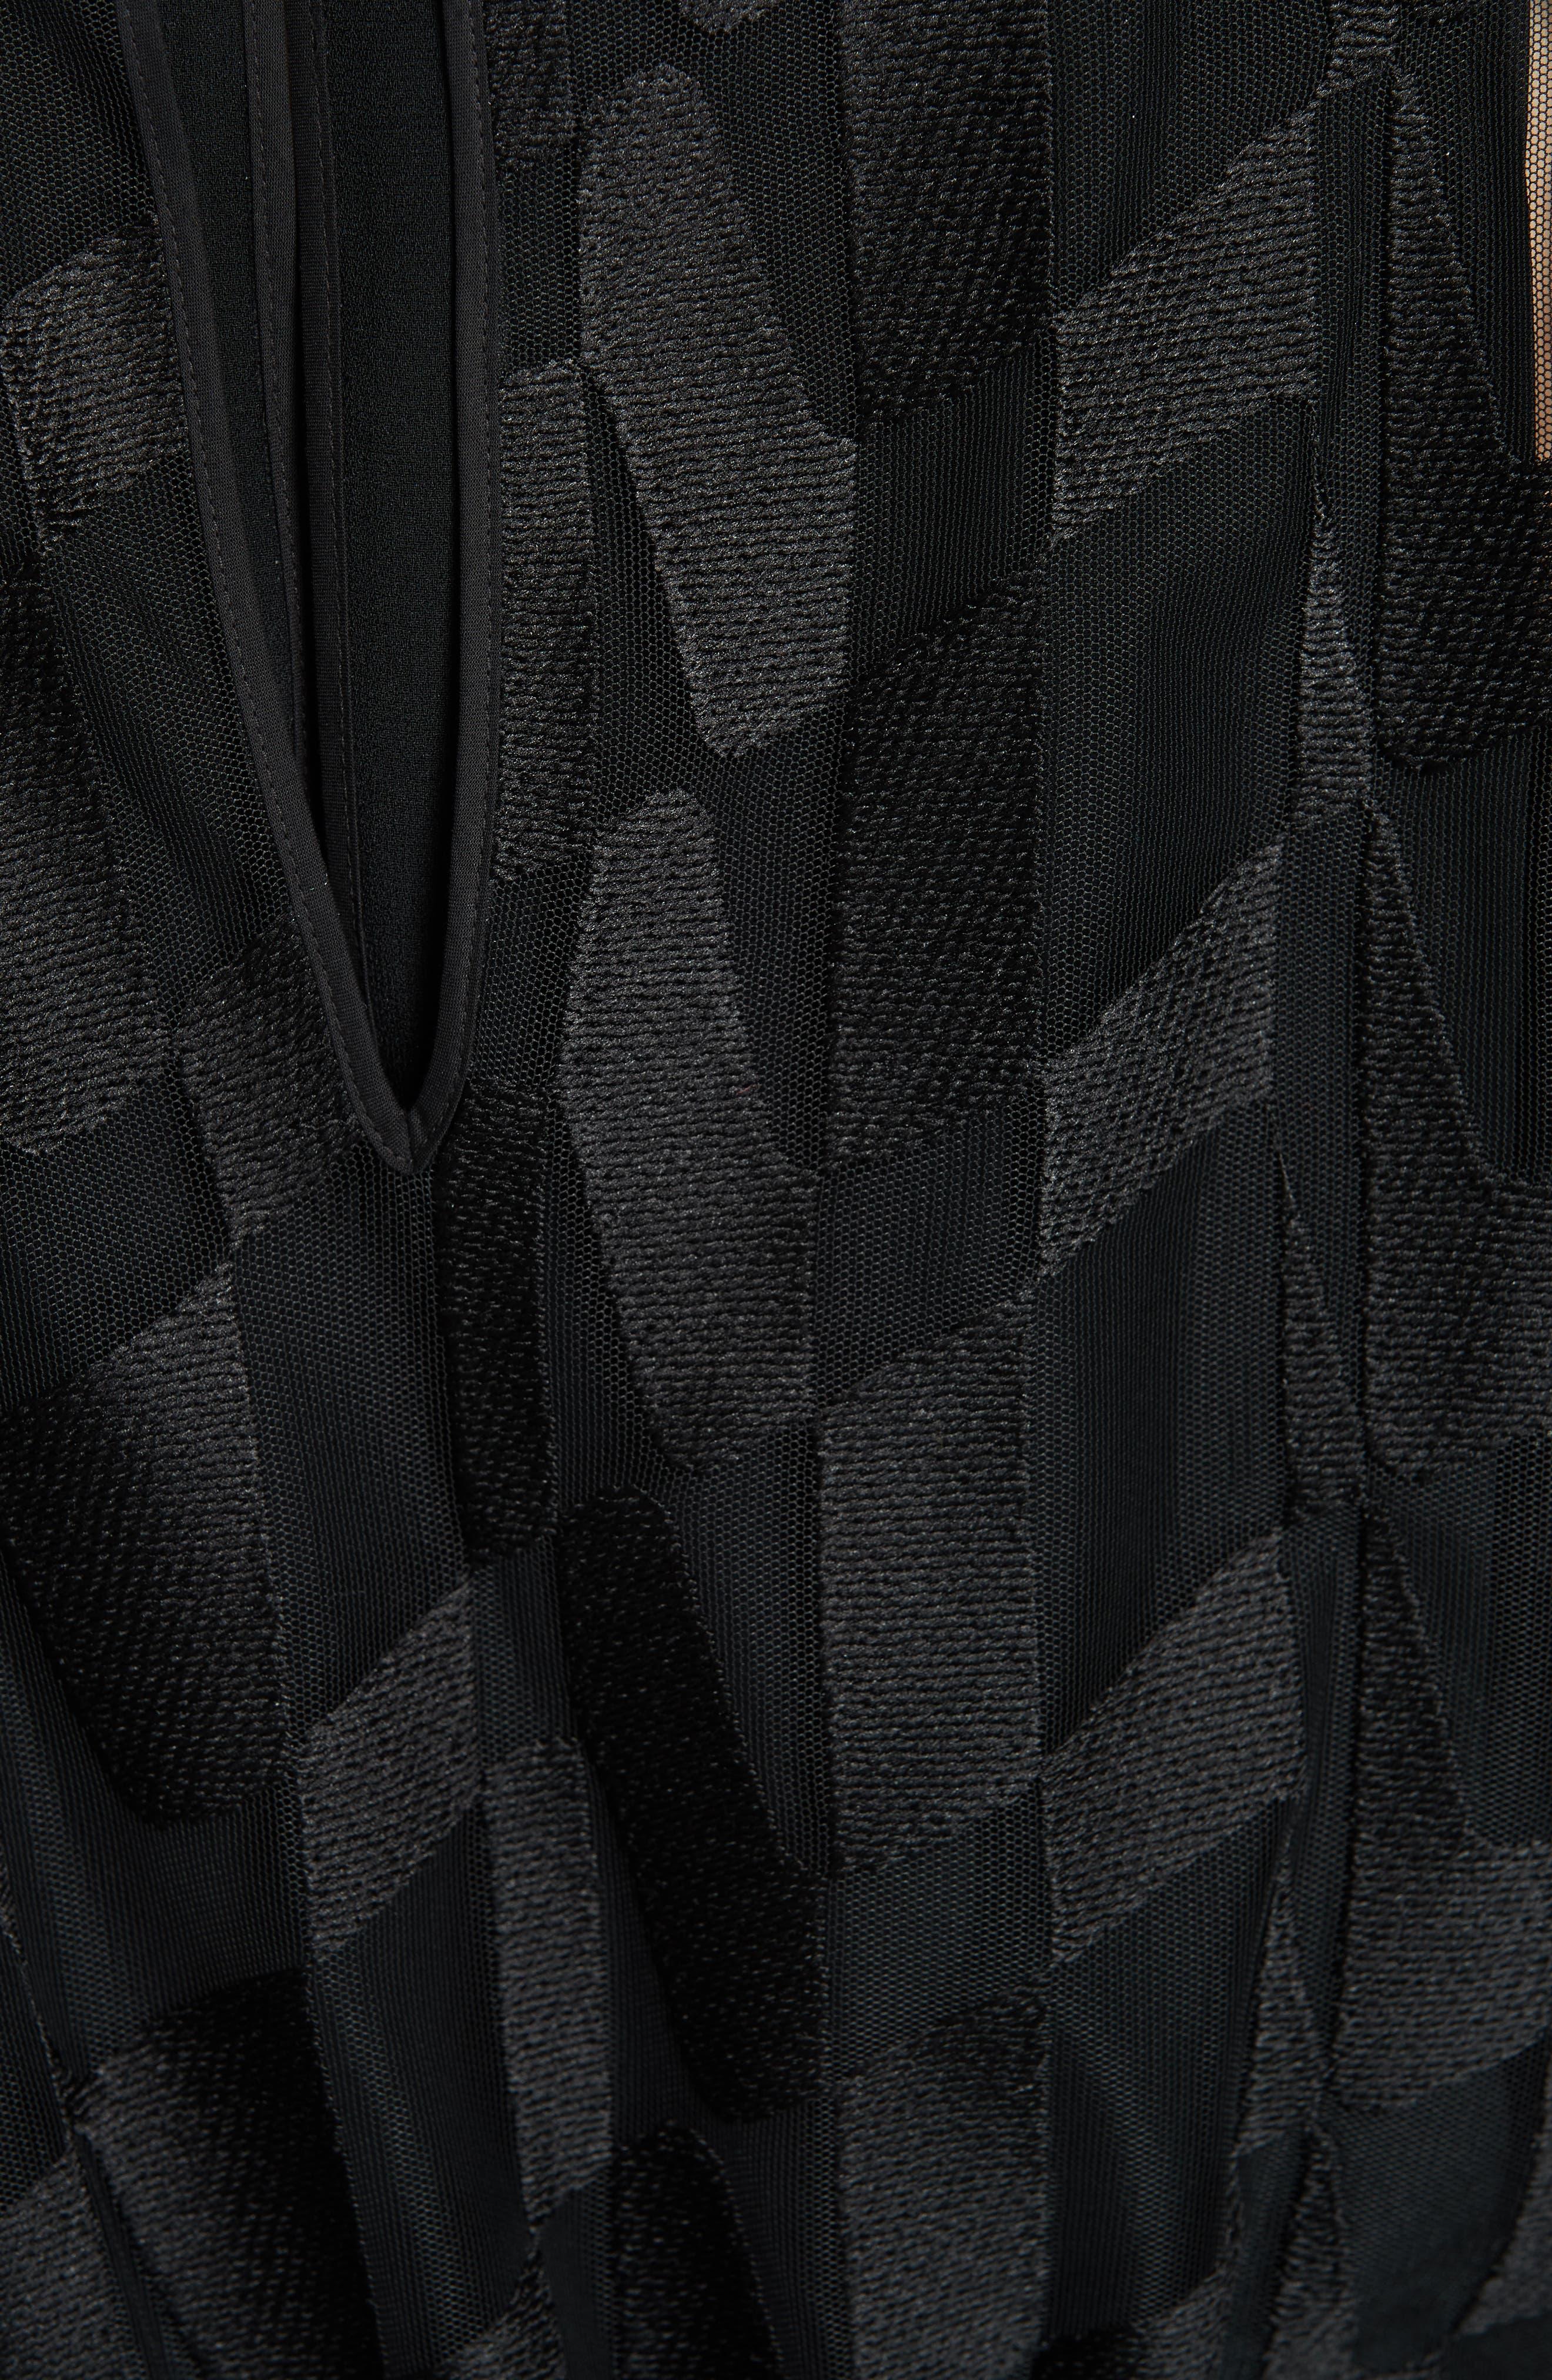 Dalace Pleat & Geo Print Midi Dress,                             Alternate thumbnail 5, color,                             BLACK